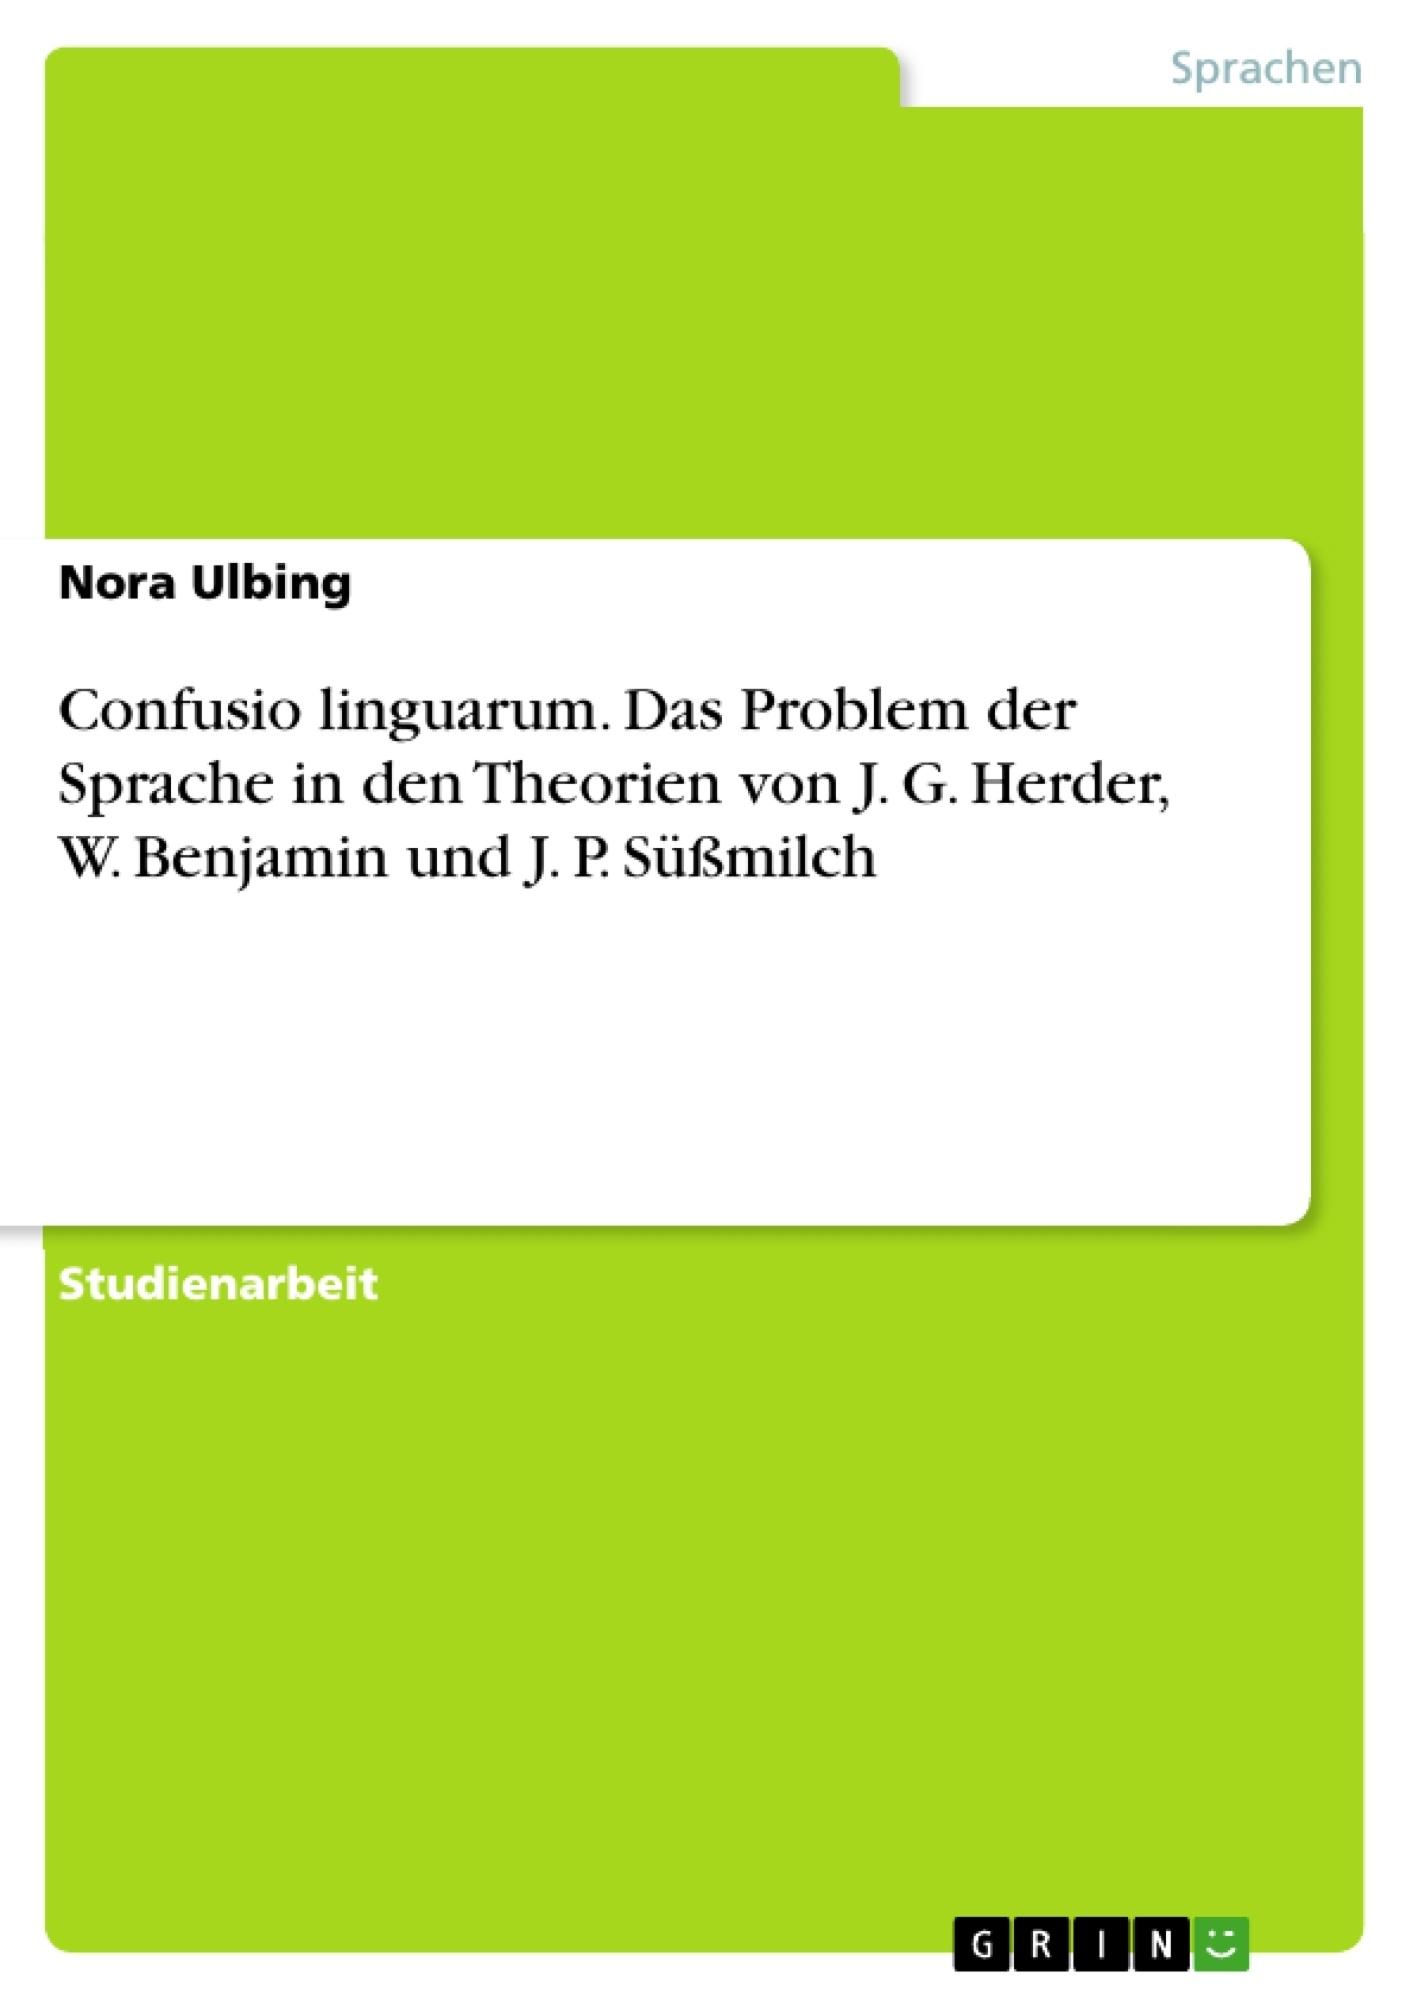 Titel: Confusio linguarum. Das Problem der Sprache in den Theorien von  J. G. Herder, W. Benjamin und J. P. Süßmilch